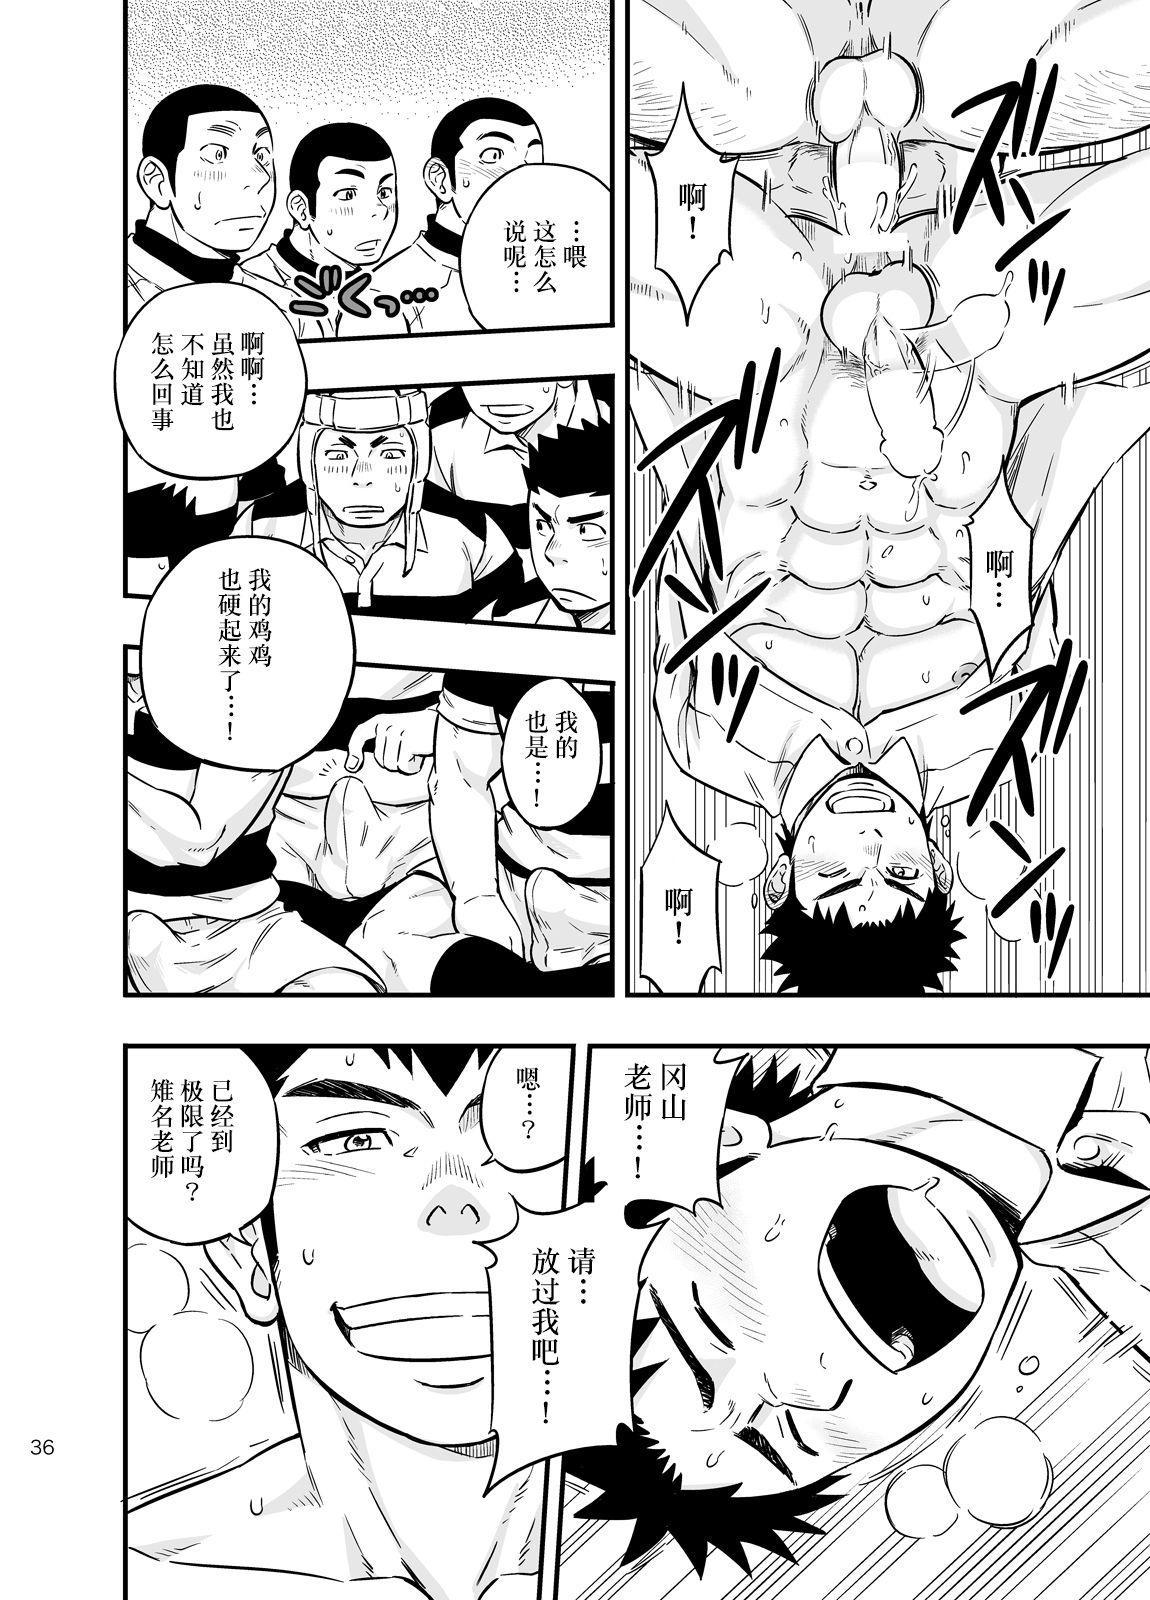 Moshimo Danshikou no Hoken Taiiku ga Jitsugi Ari Dattara 2 | 如果男校的保健体育课有实践环节的话 2 34